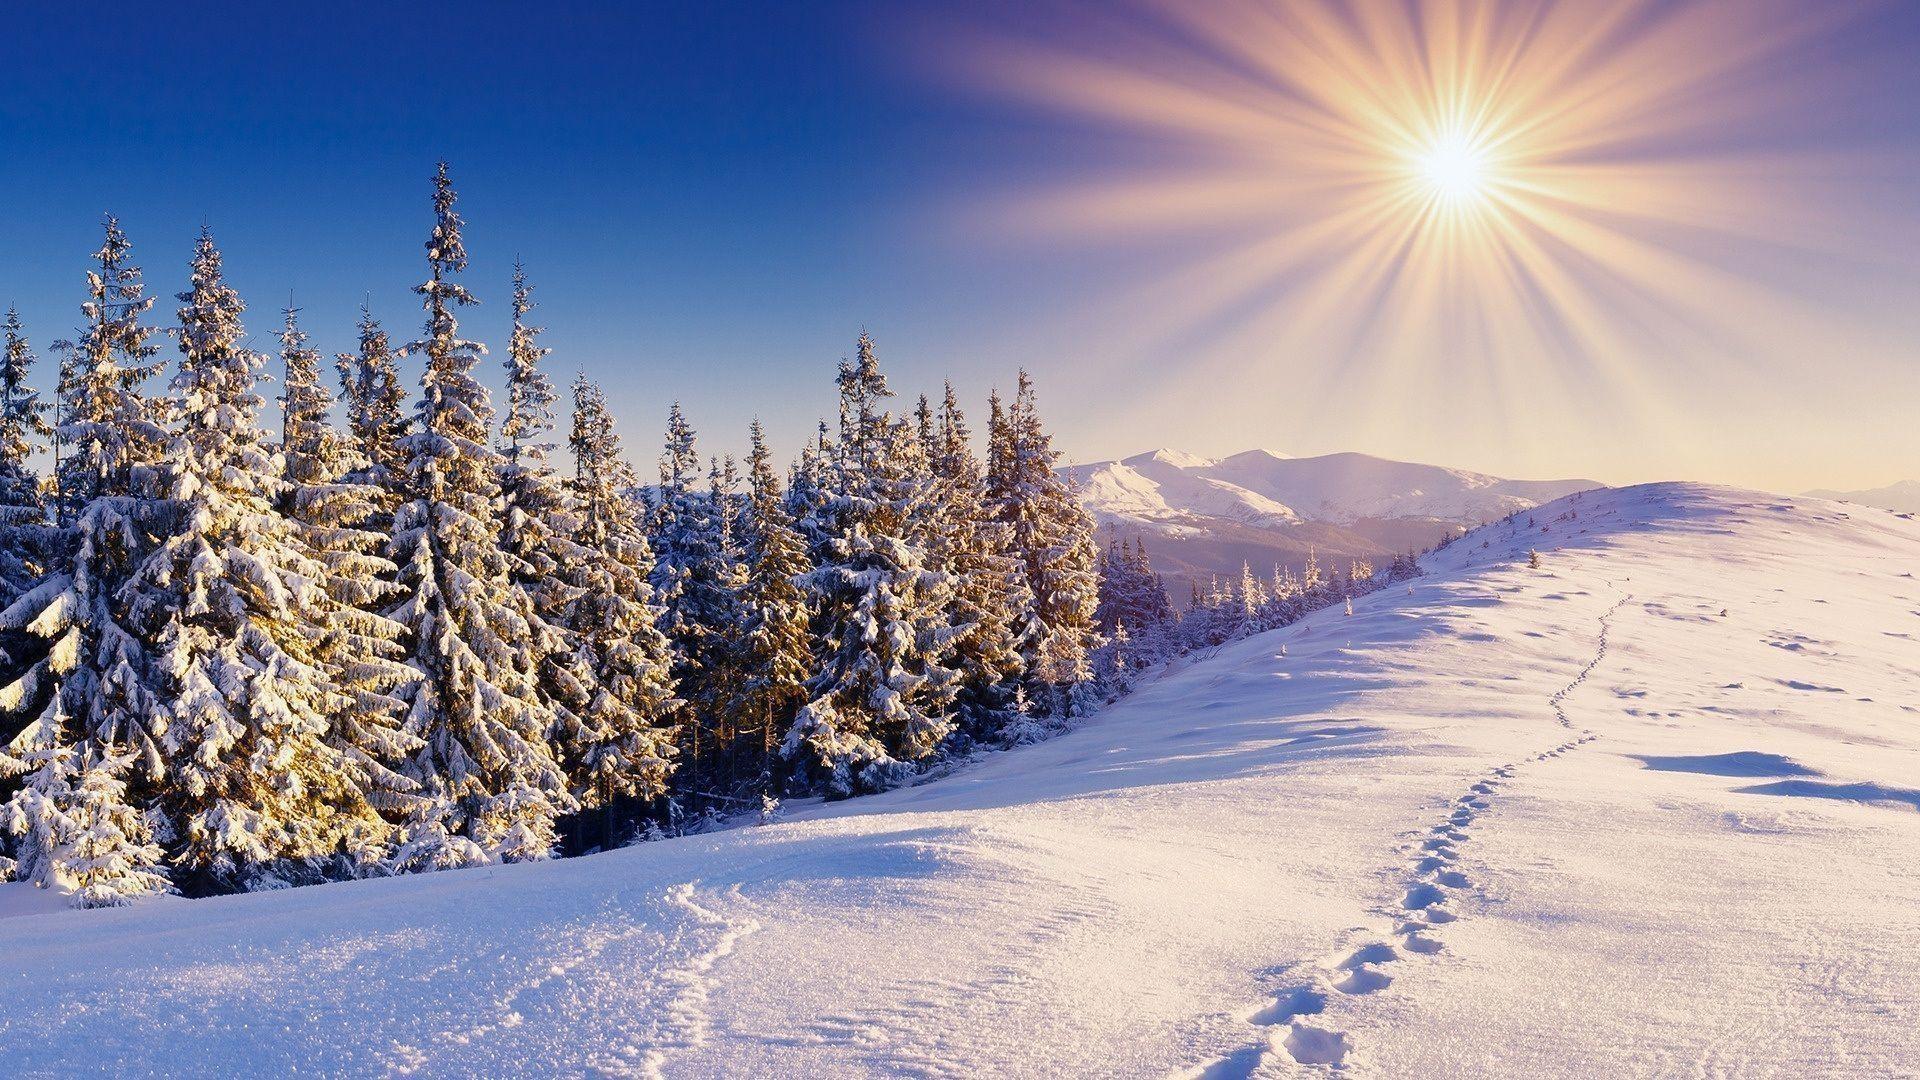 Winter HD Widescreen Wallpaper (78+ images)